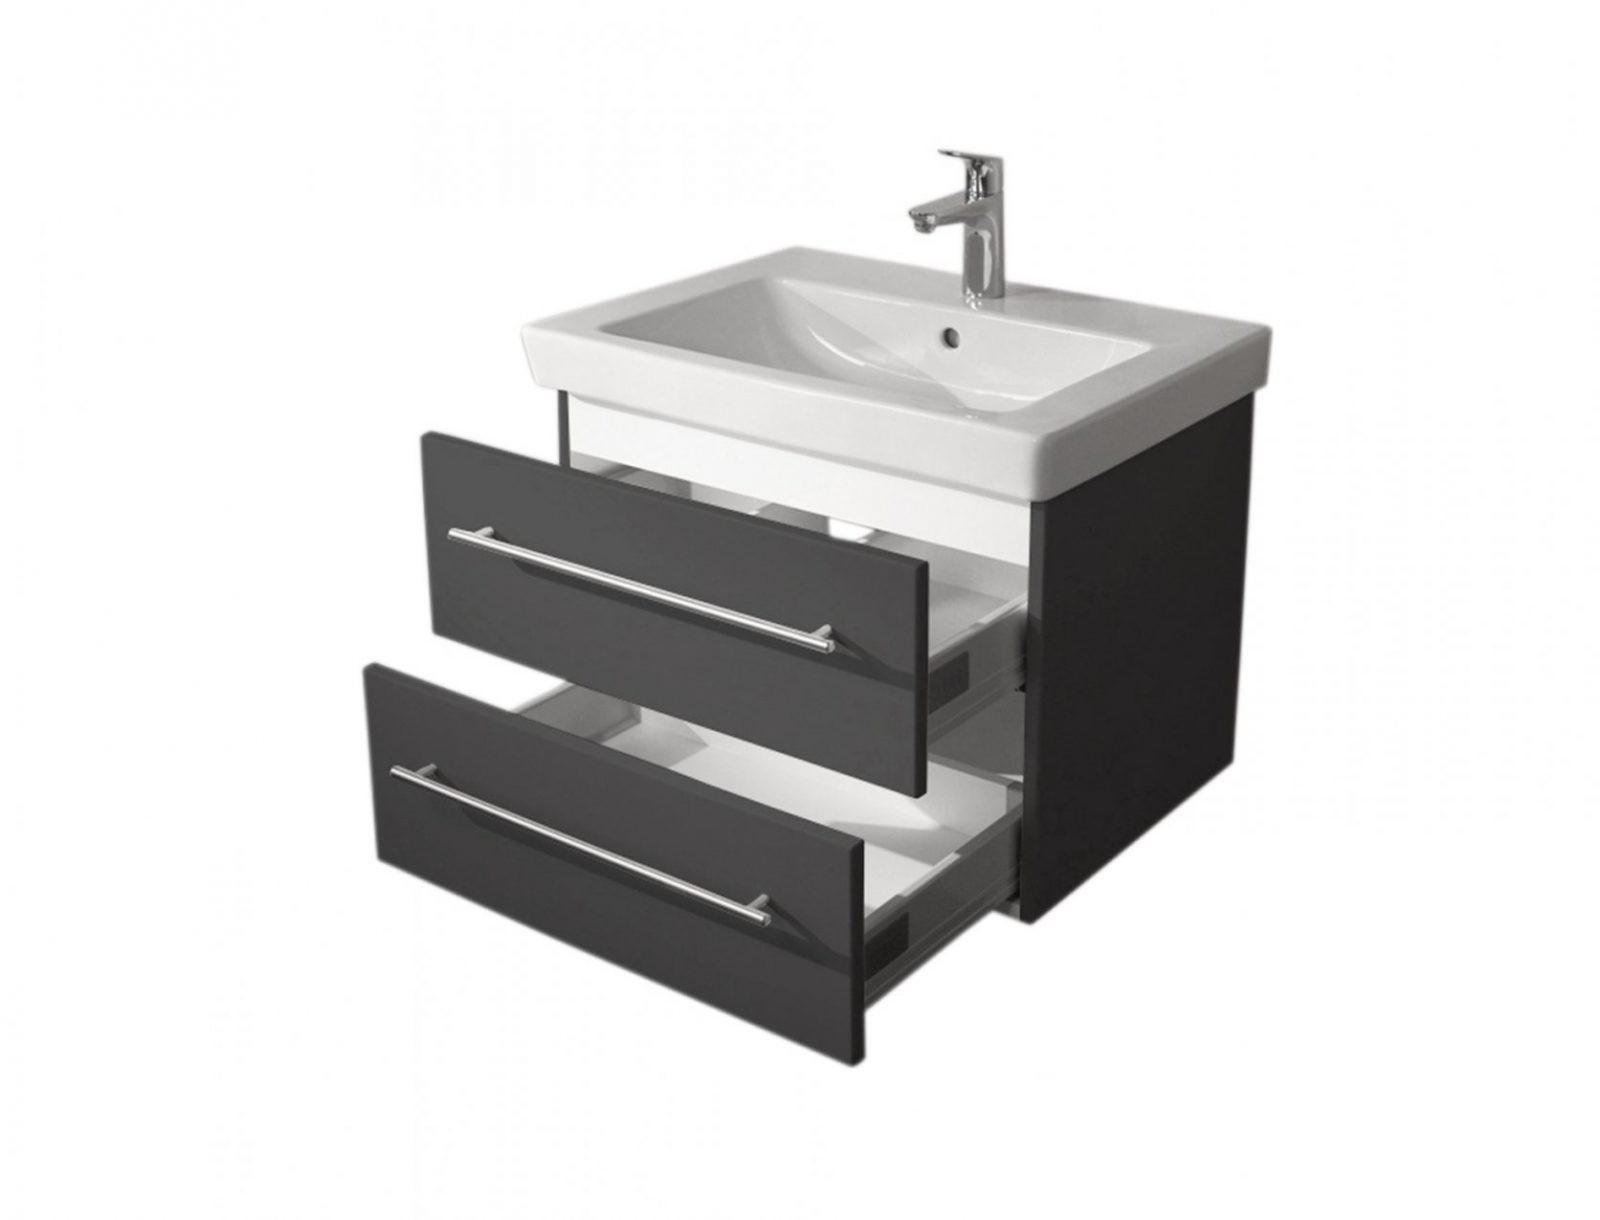 Badwaschtisch Mit Villeroy & Boch Becken Subway 20  65 Cm Breit von Villeroy Und Boch Bad Waschbecken Bild